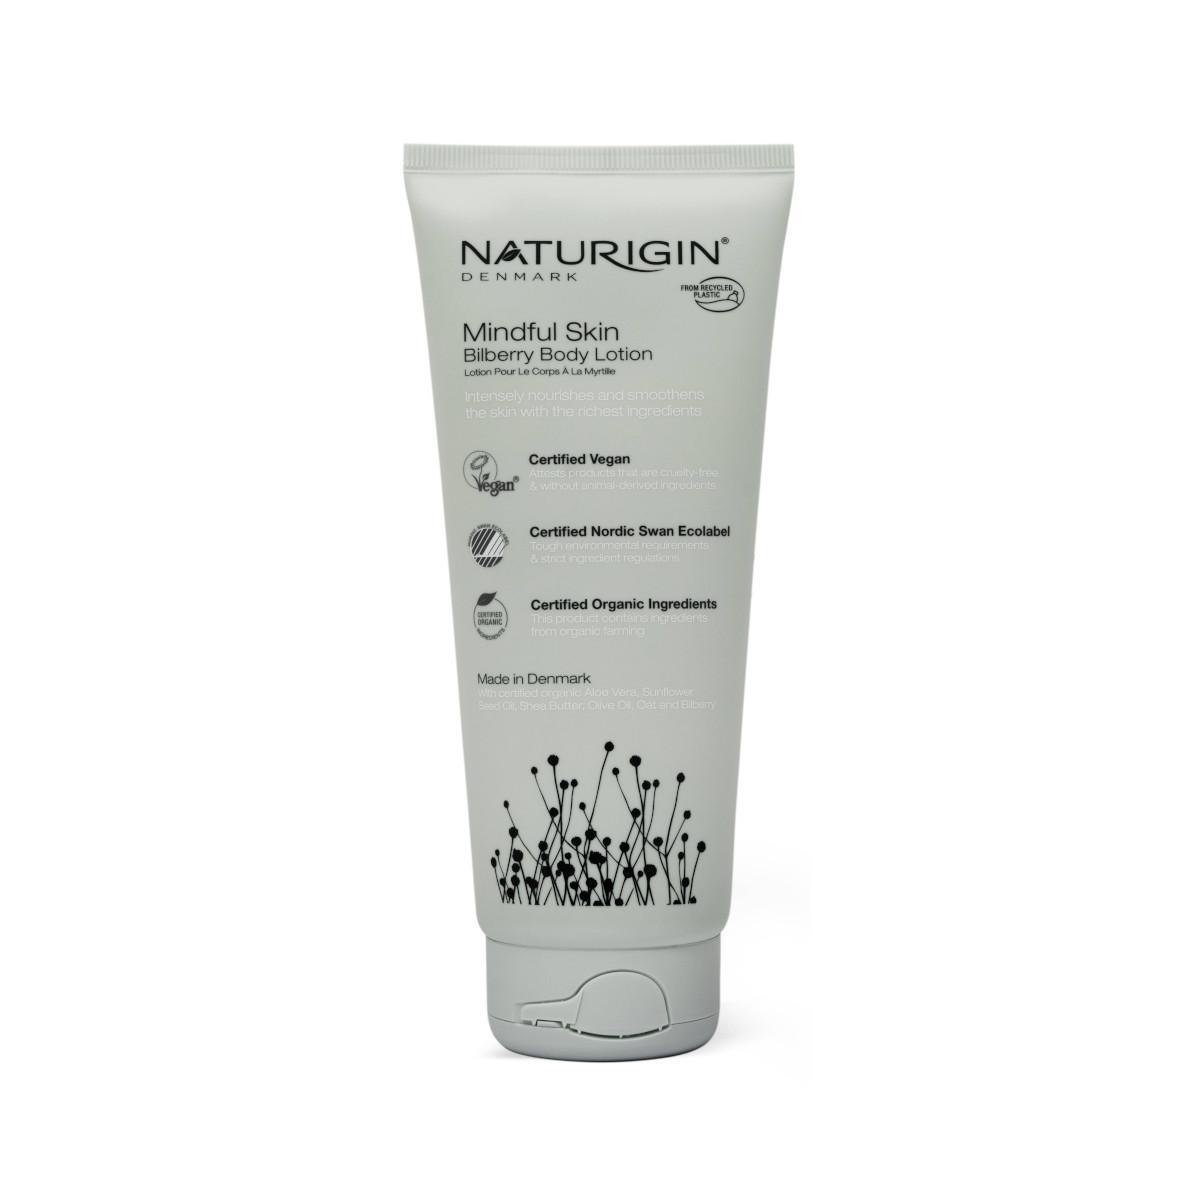 NATURIGIN Mindful Skin Tělové mléko borůvka 200 ml